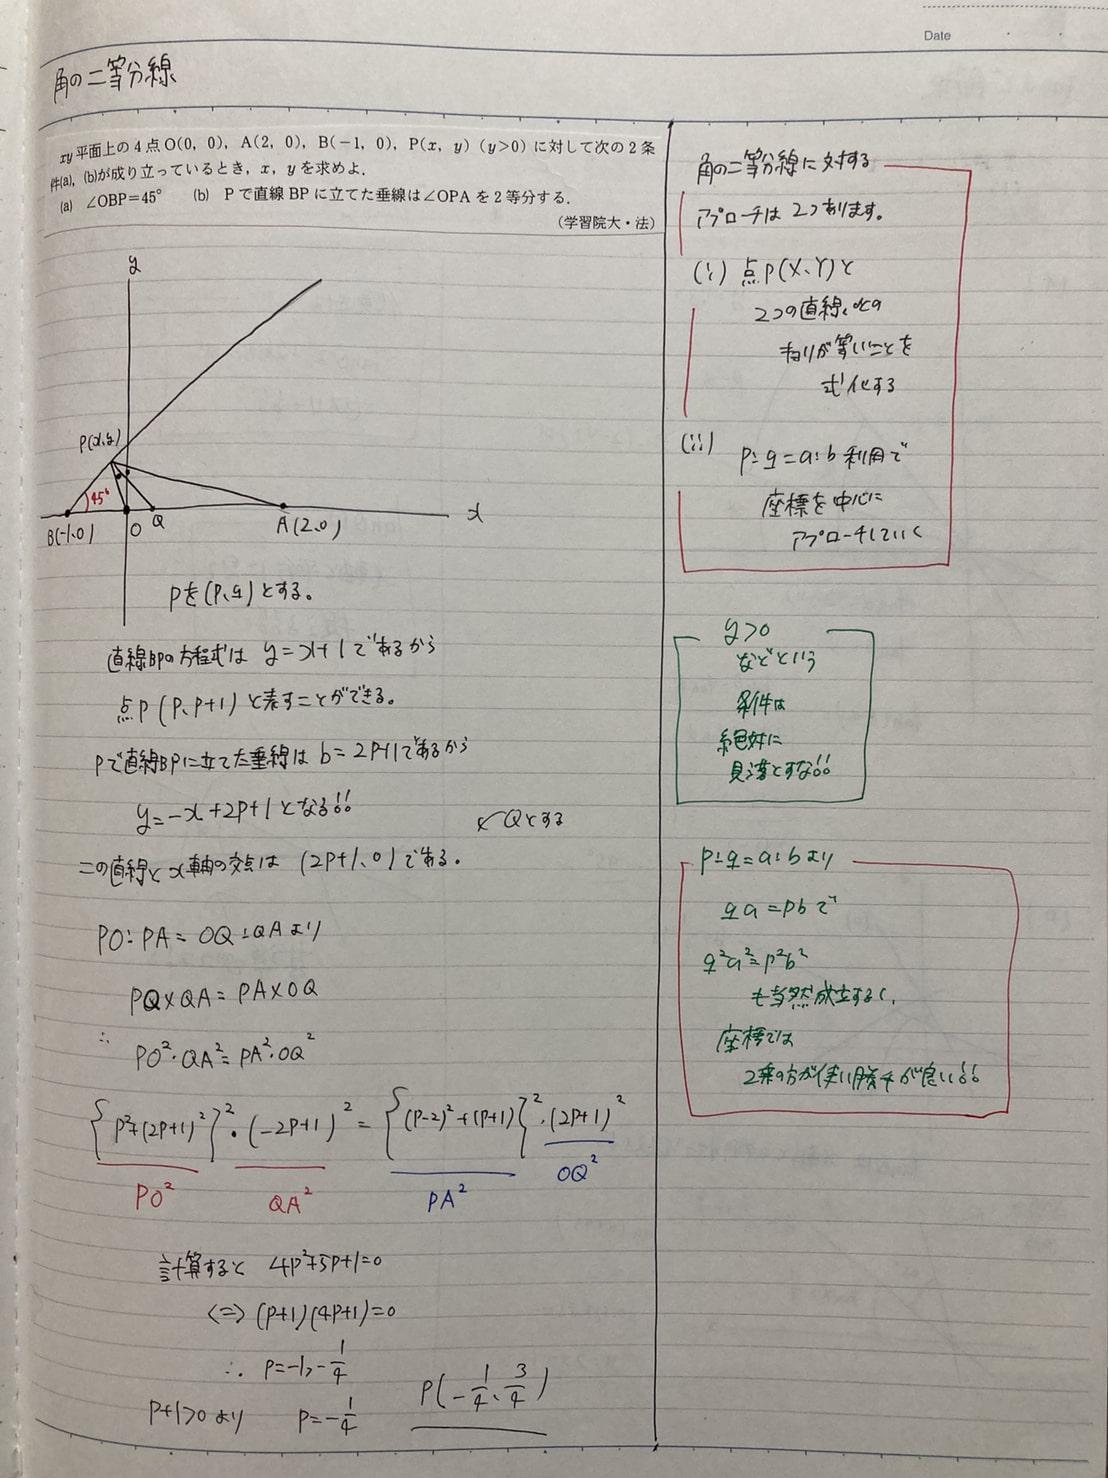 数学のまとめノート(角の二等分線)